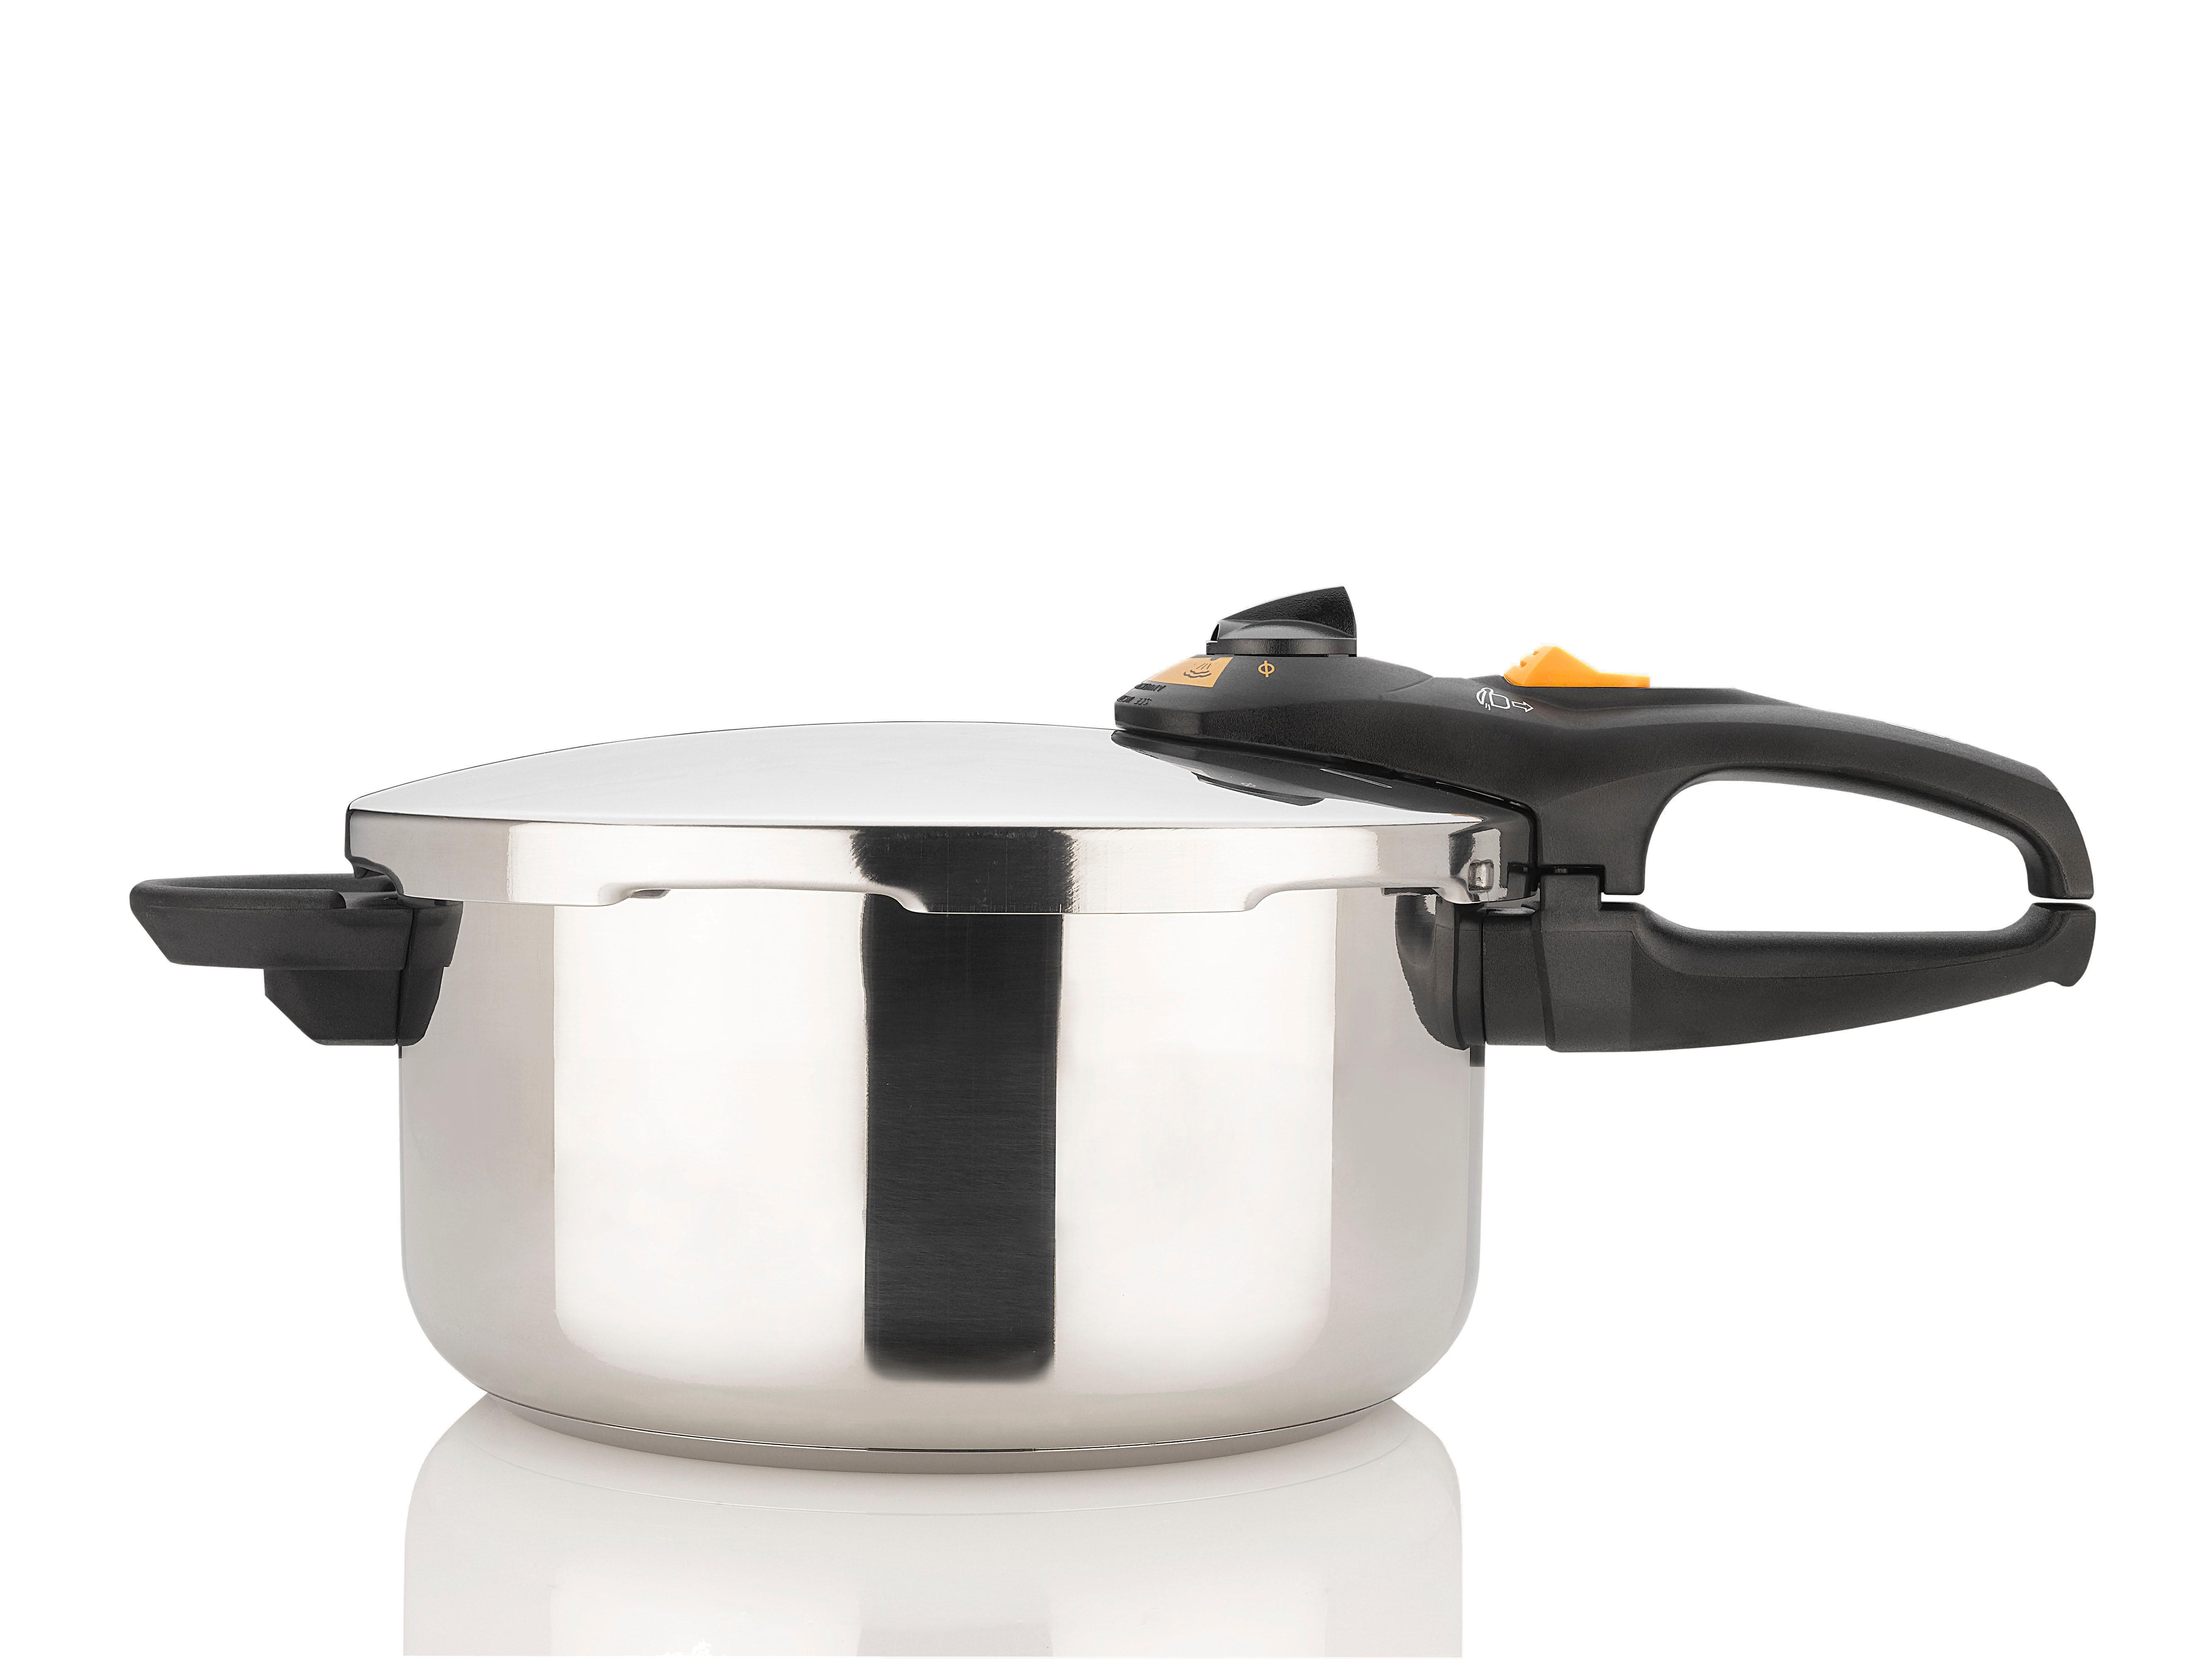 Cooks Kitchen Best Pressure Cooker